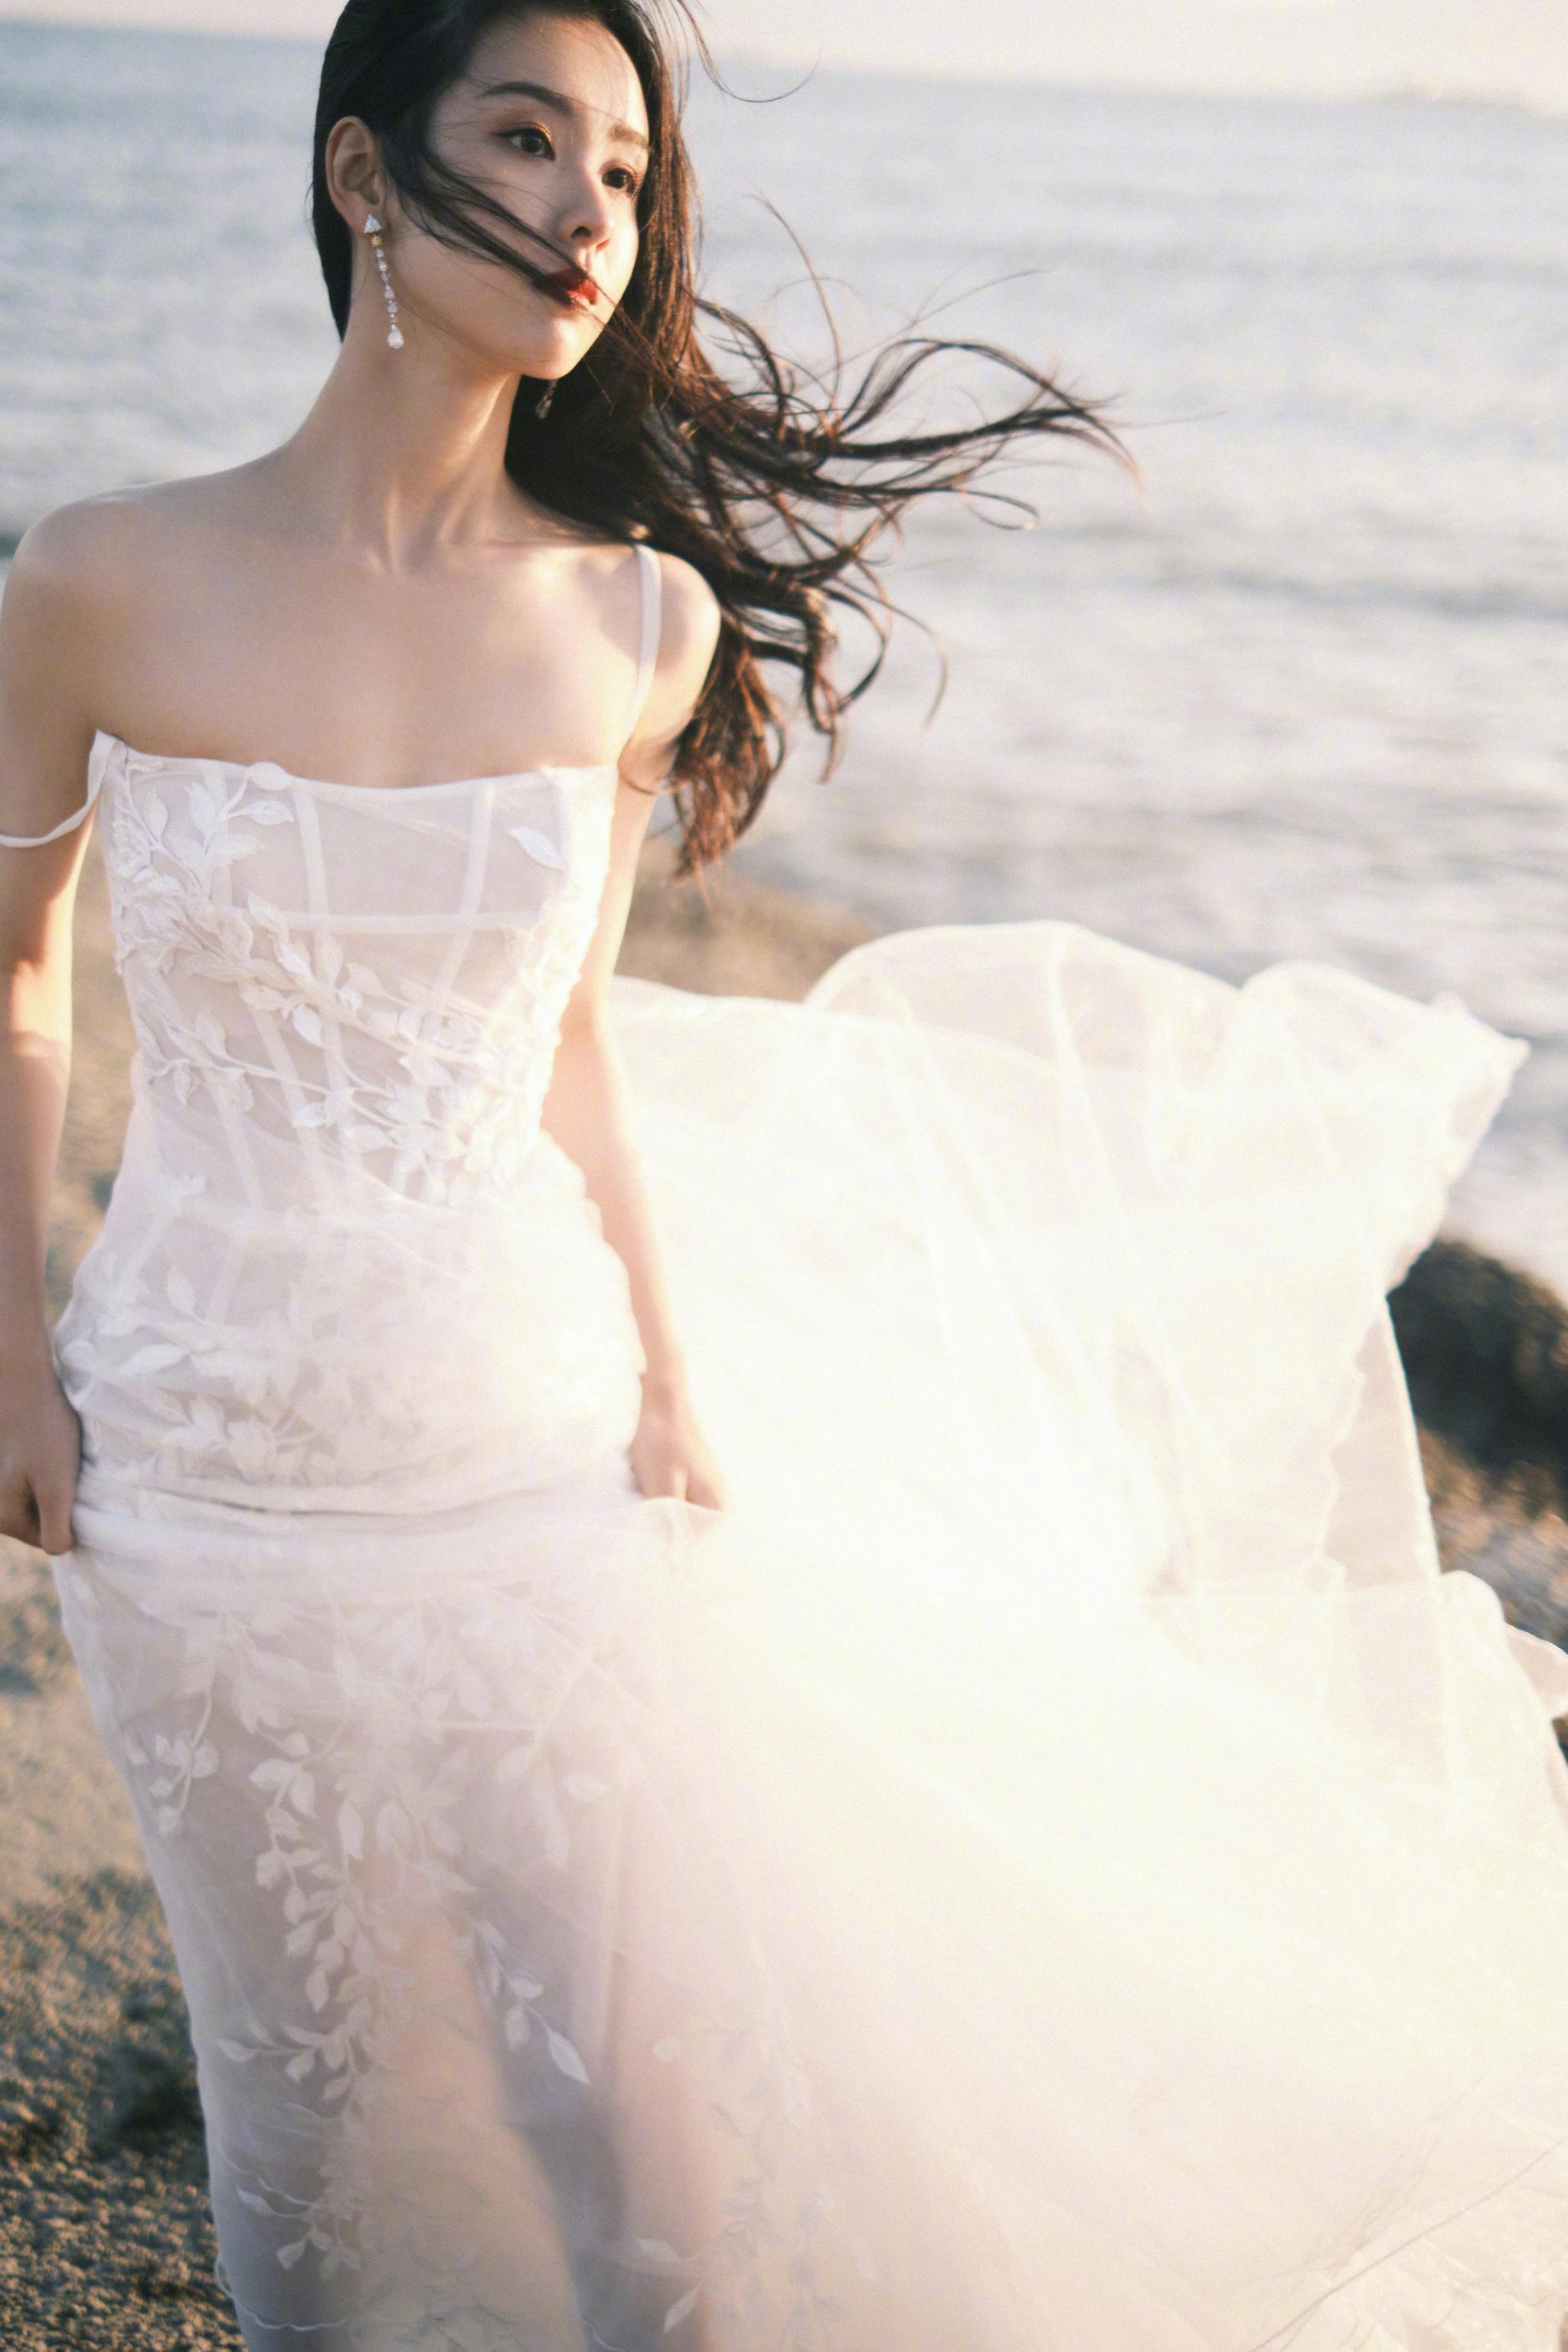 11月25日, 一袭白裙